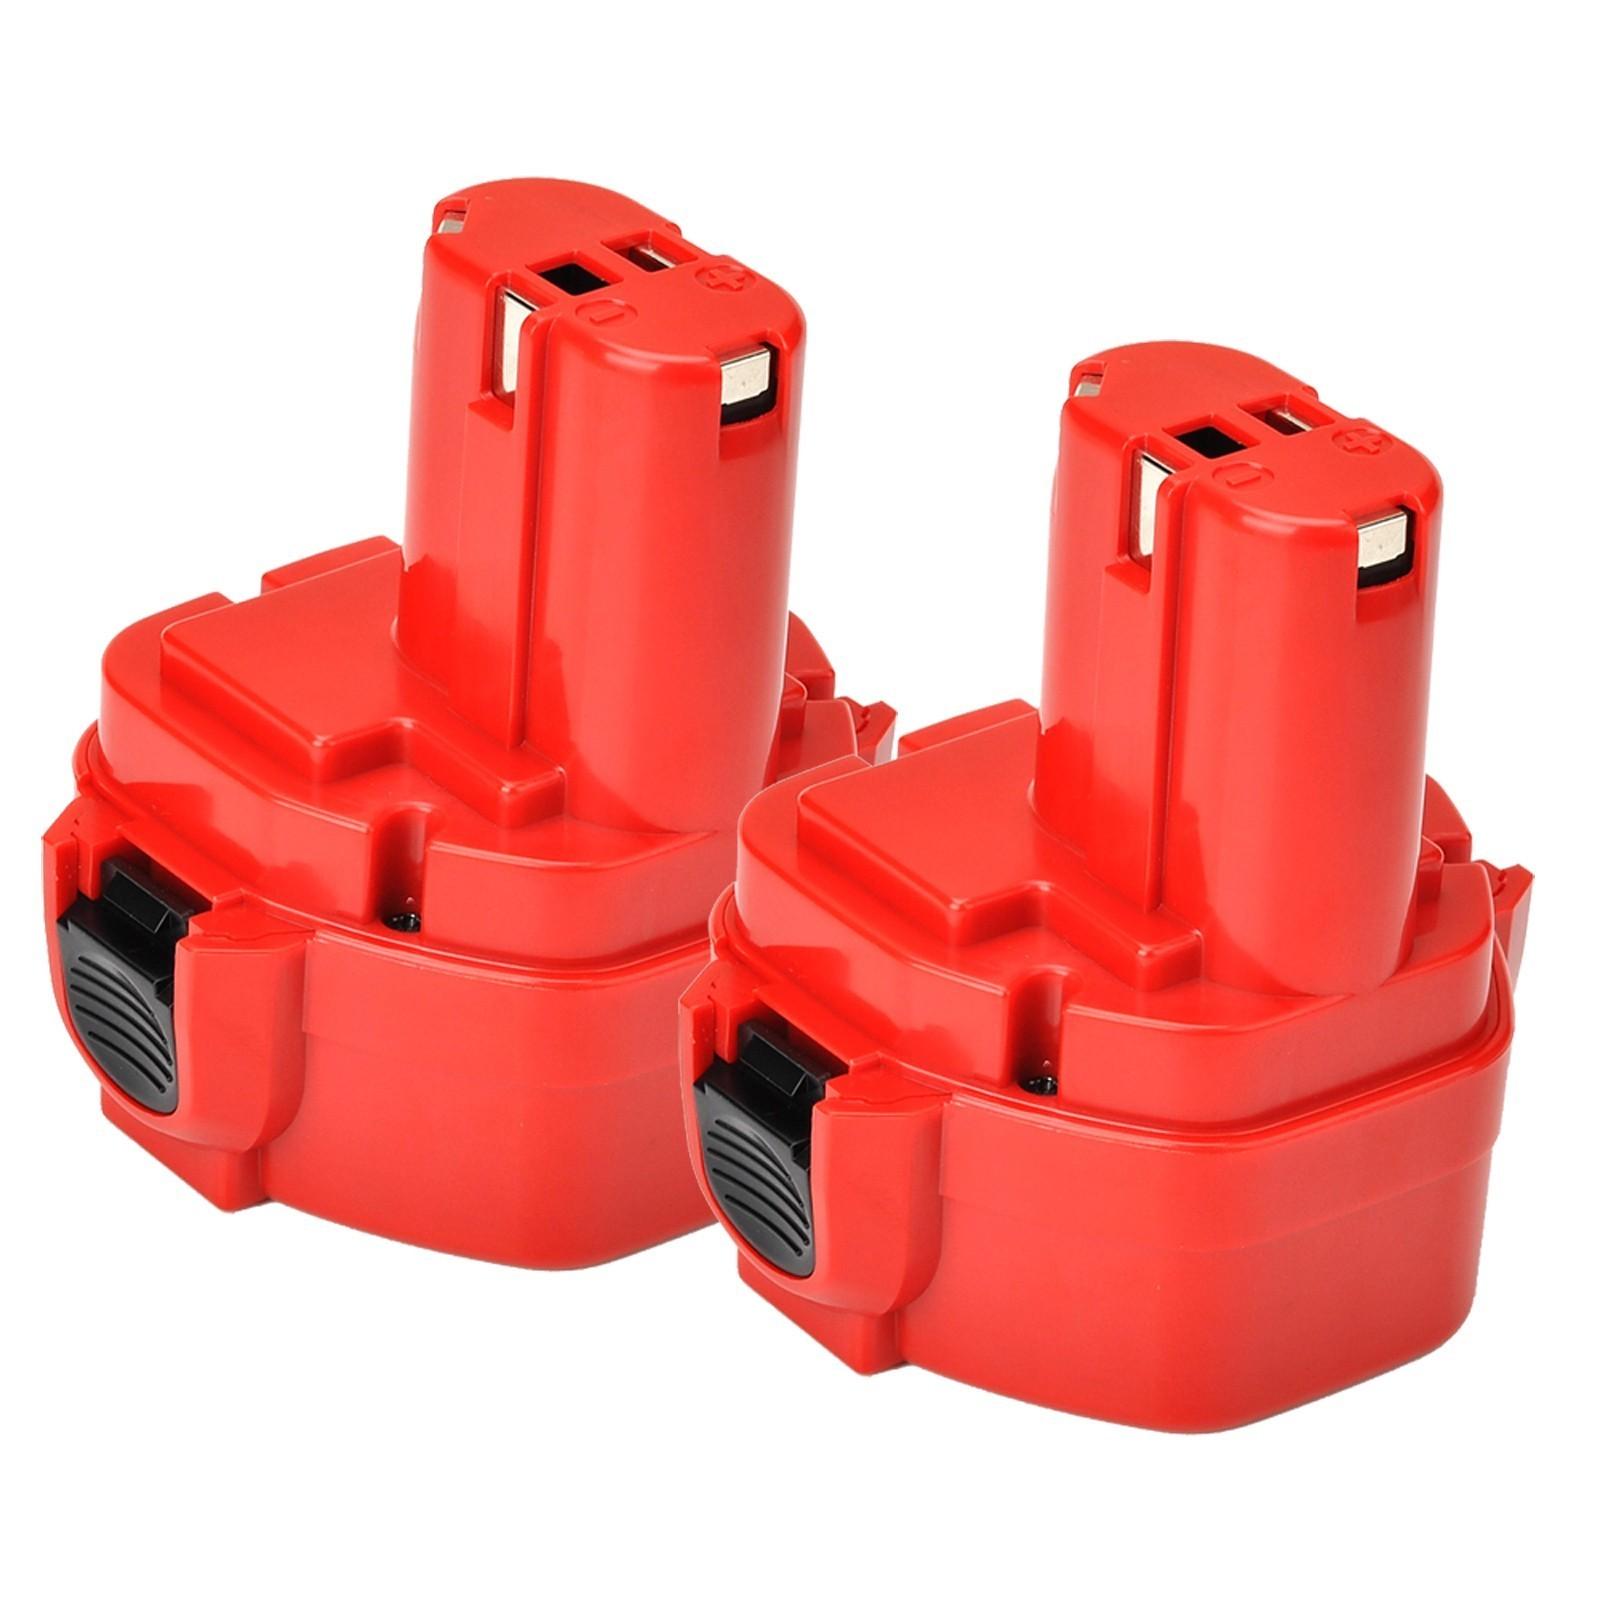 12V 2.0AH Battery for  DC9071 DW9071 DW9072 DW953 DW965 DW972 Cordless<br><br>Aliexpress